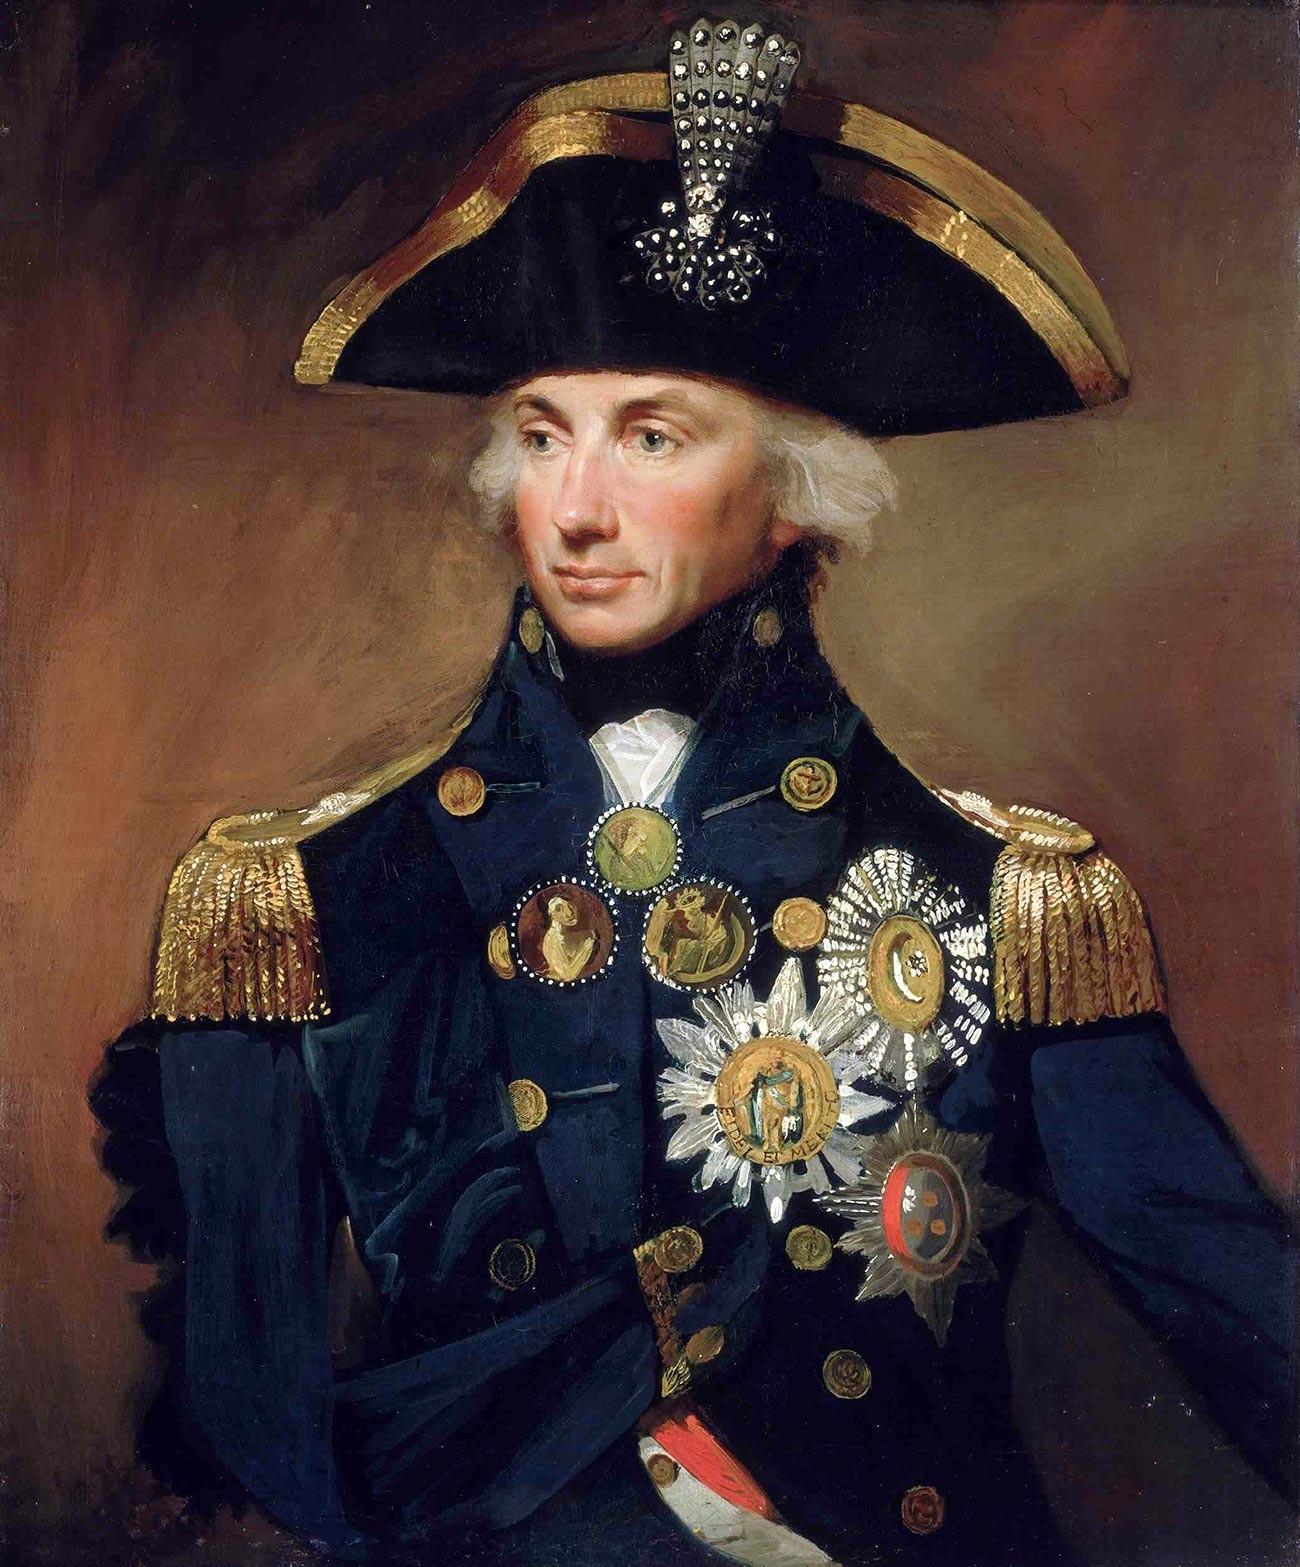 Вице-адмирал Хорацио Нелсон